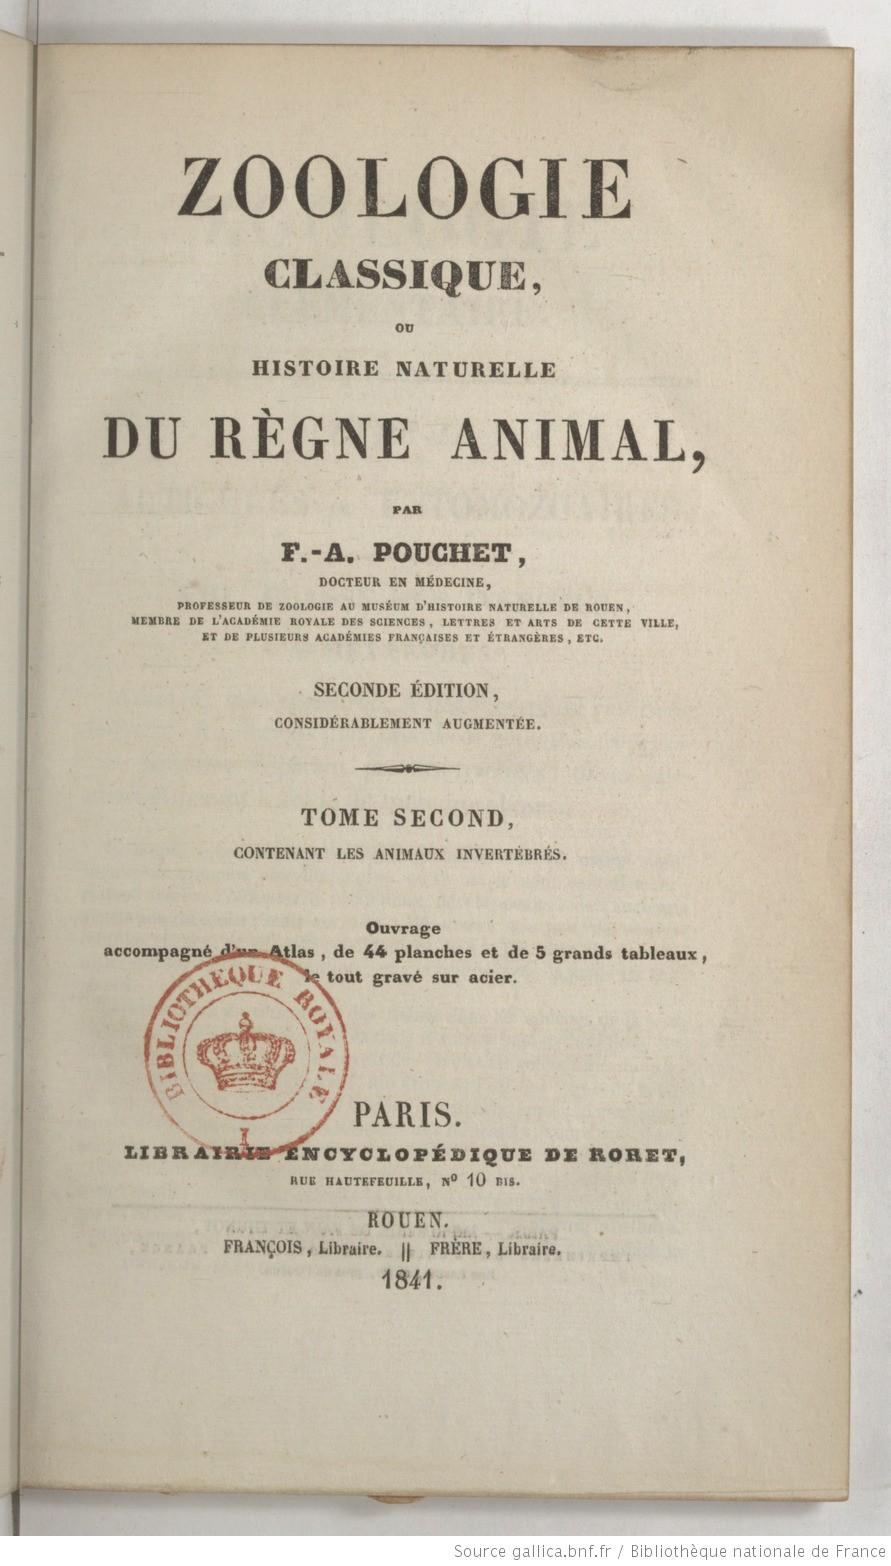 Zoologie classique, ou Histoire naturelle du règne animal. Tome 2 / par F.-A. Pouchet,...